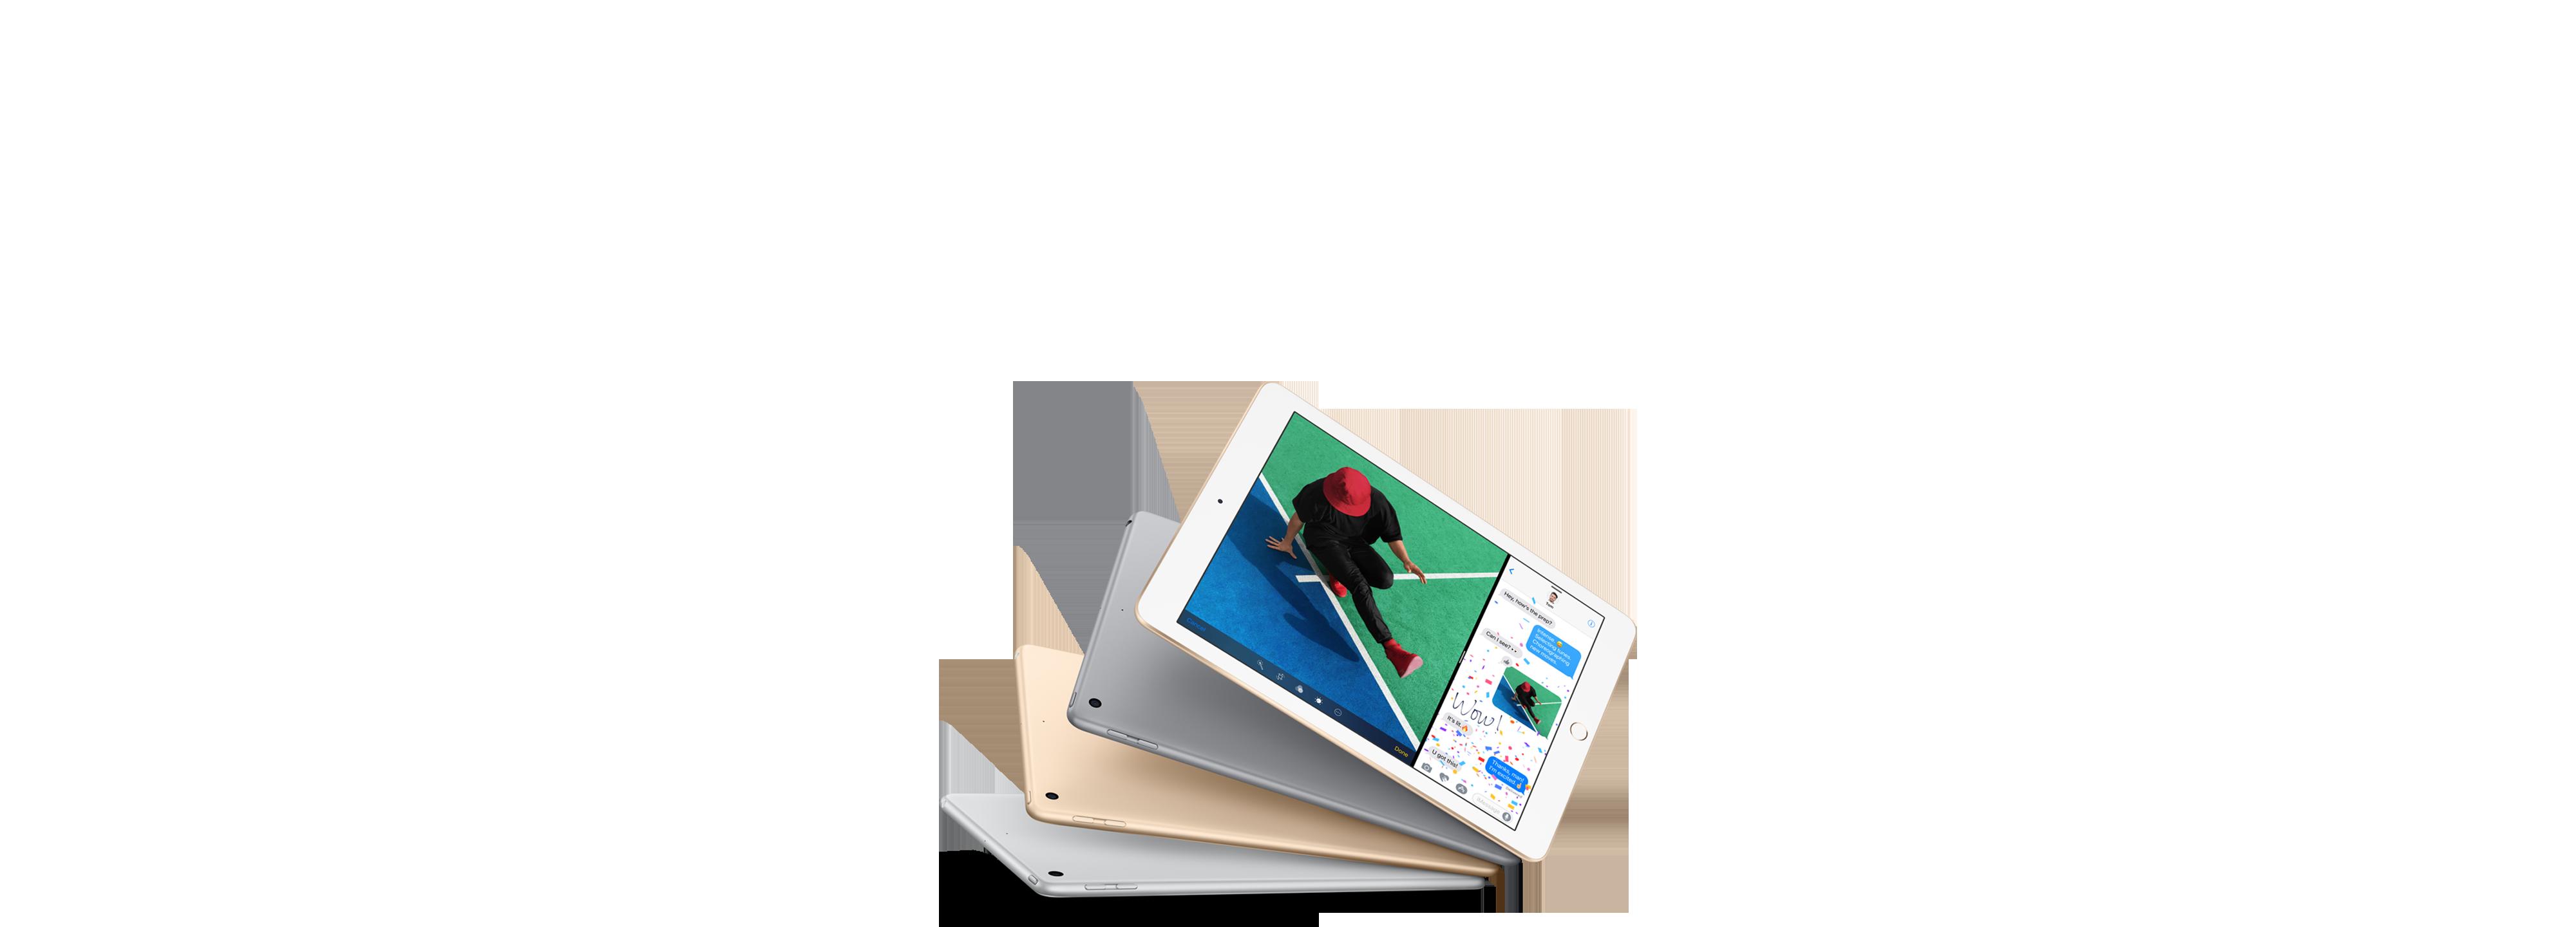 iPad 2017 Main